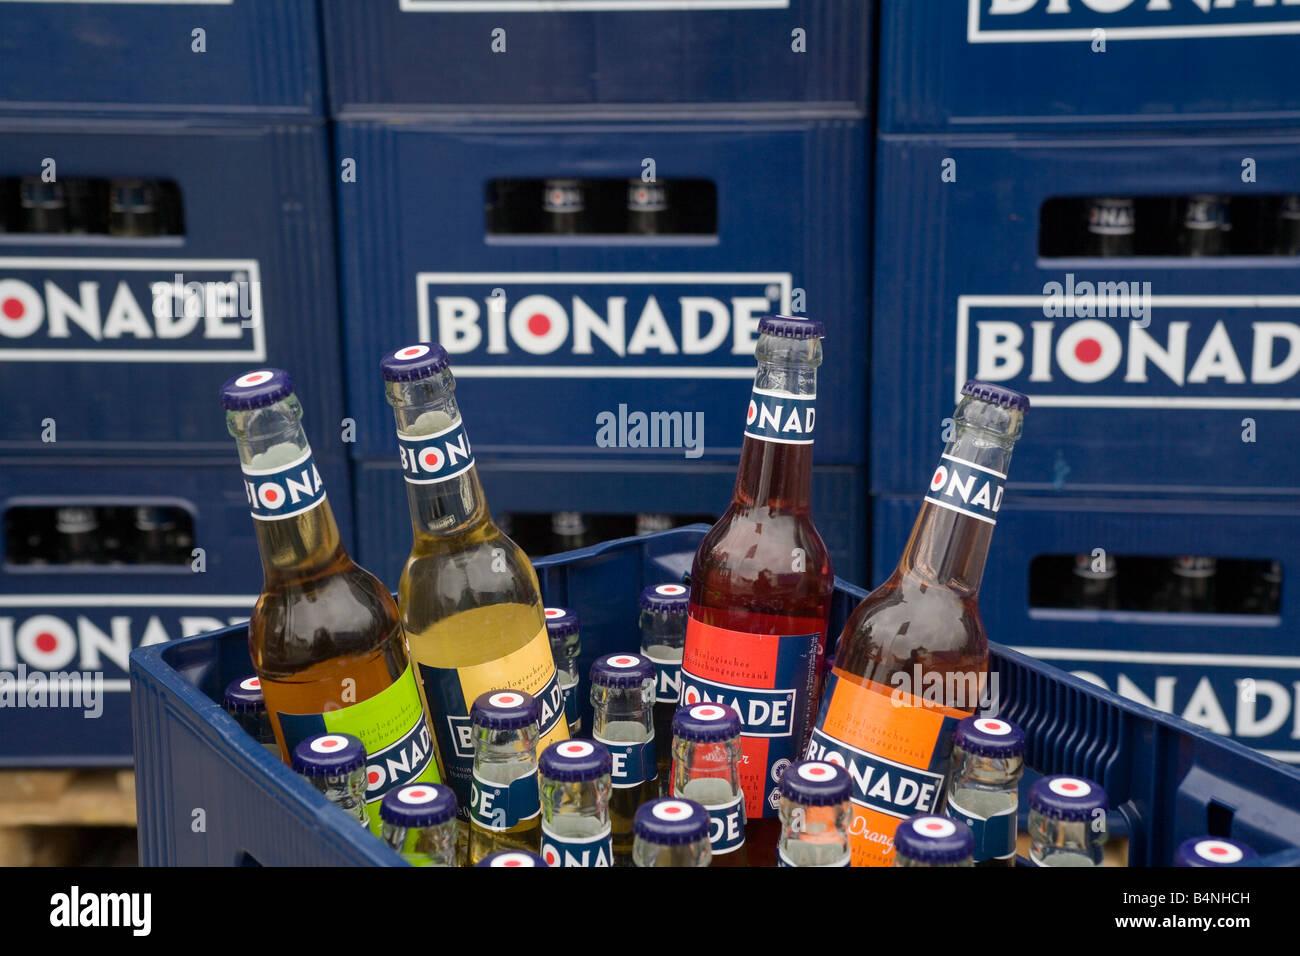 BIONADE GmbH la produzione dell'alcool biologico bevanda analcolica Bionade Immagini Stock